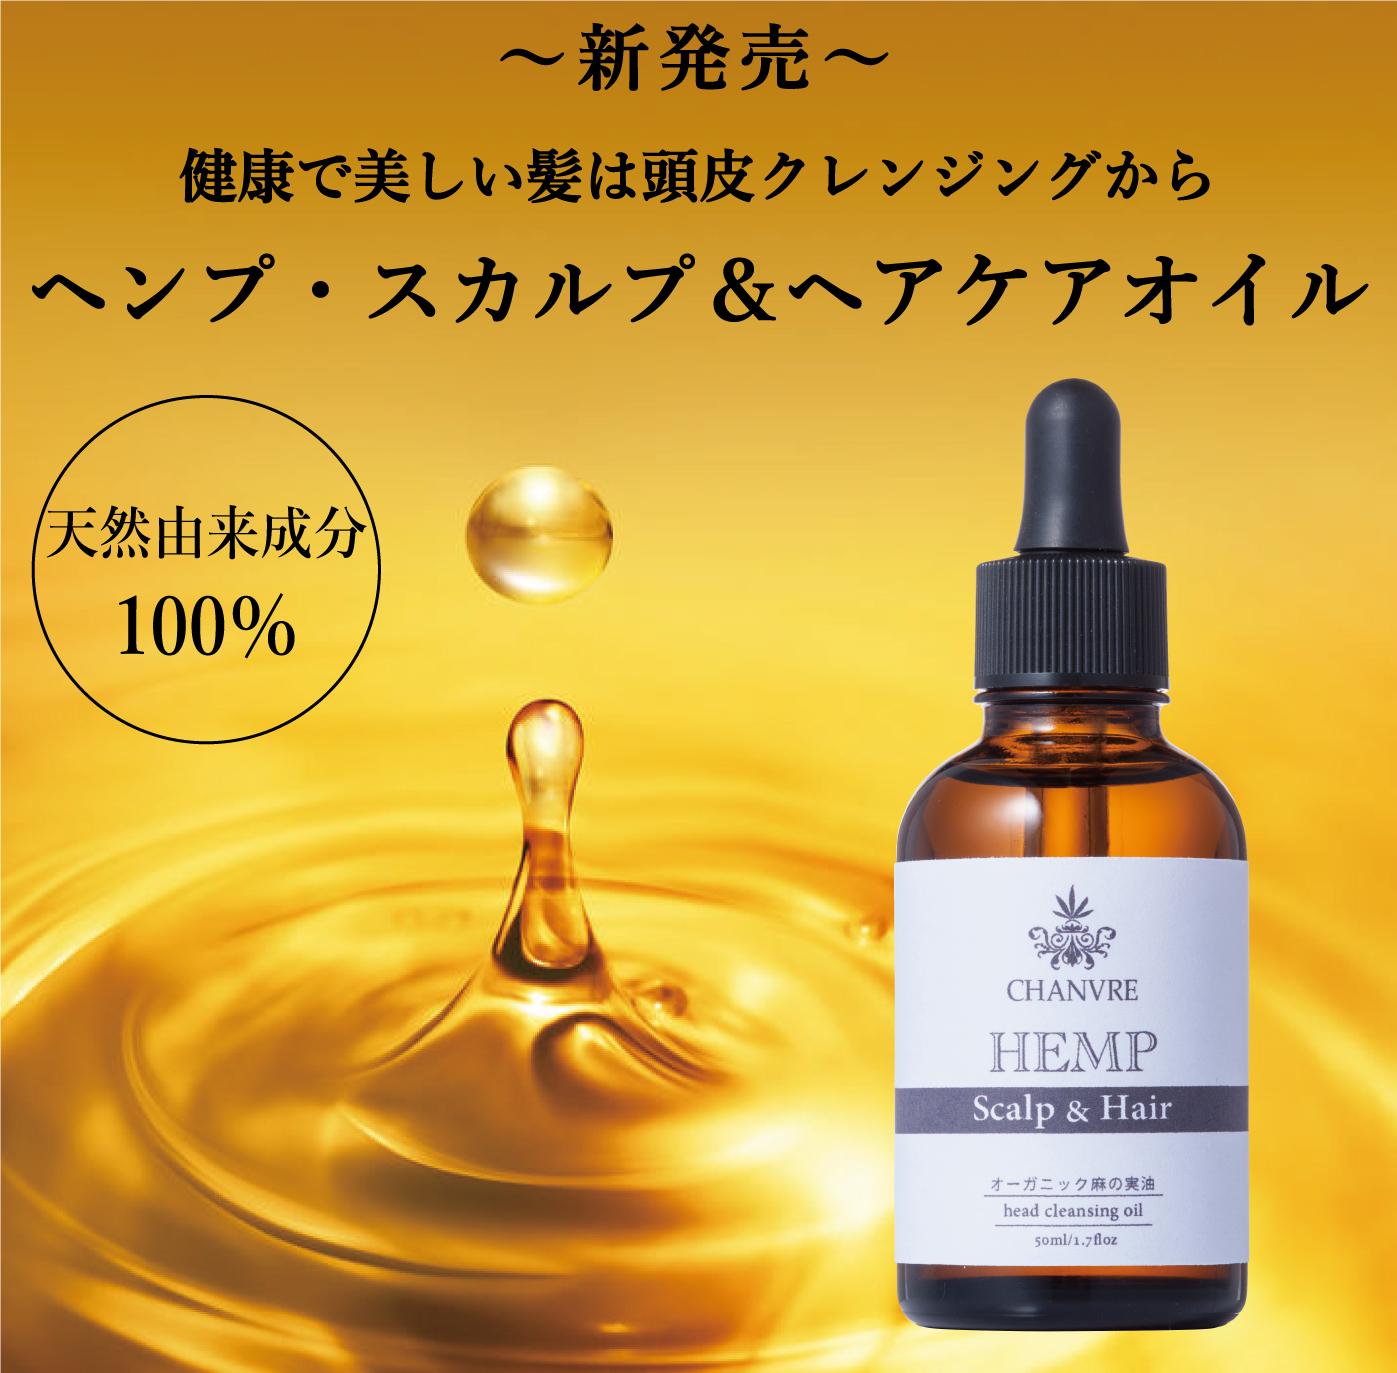 ヘンプコスメ・シャンブルの新発売商品画像